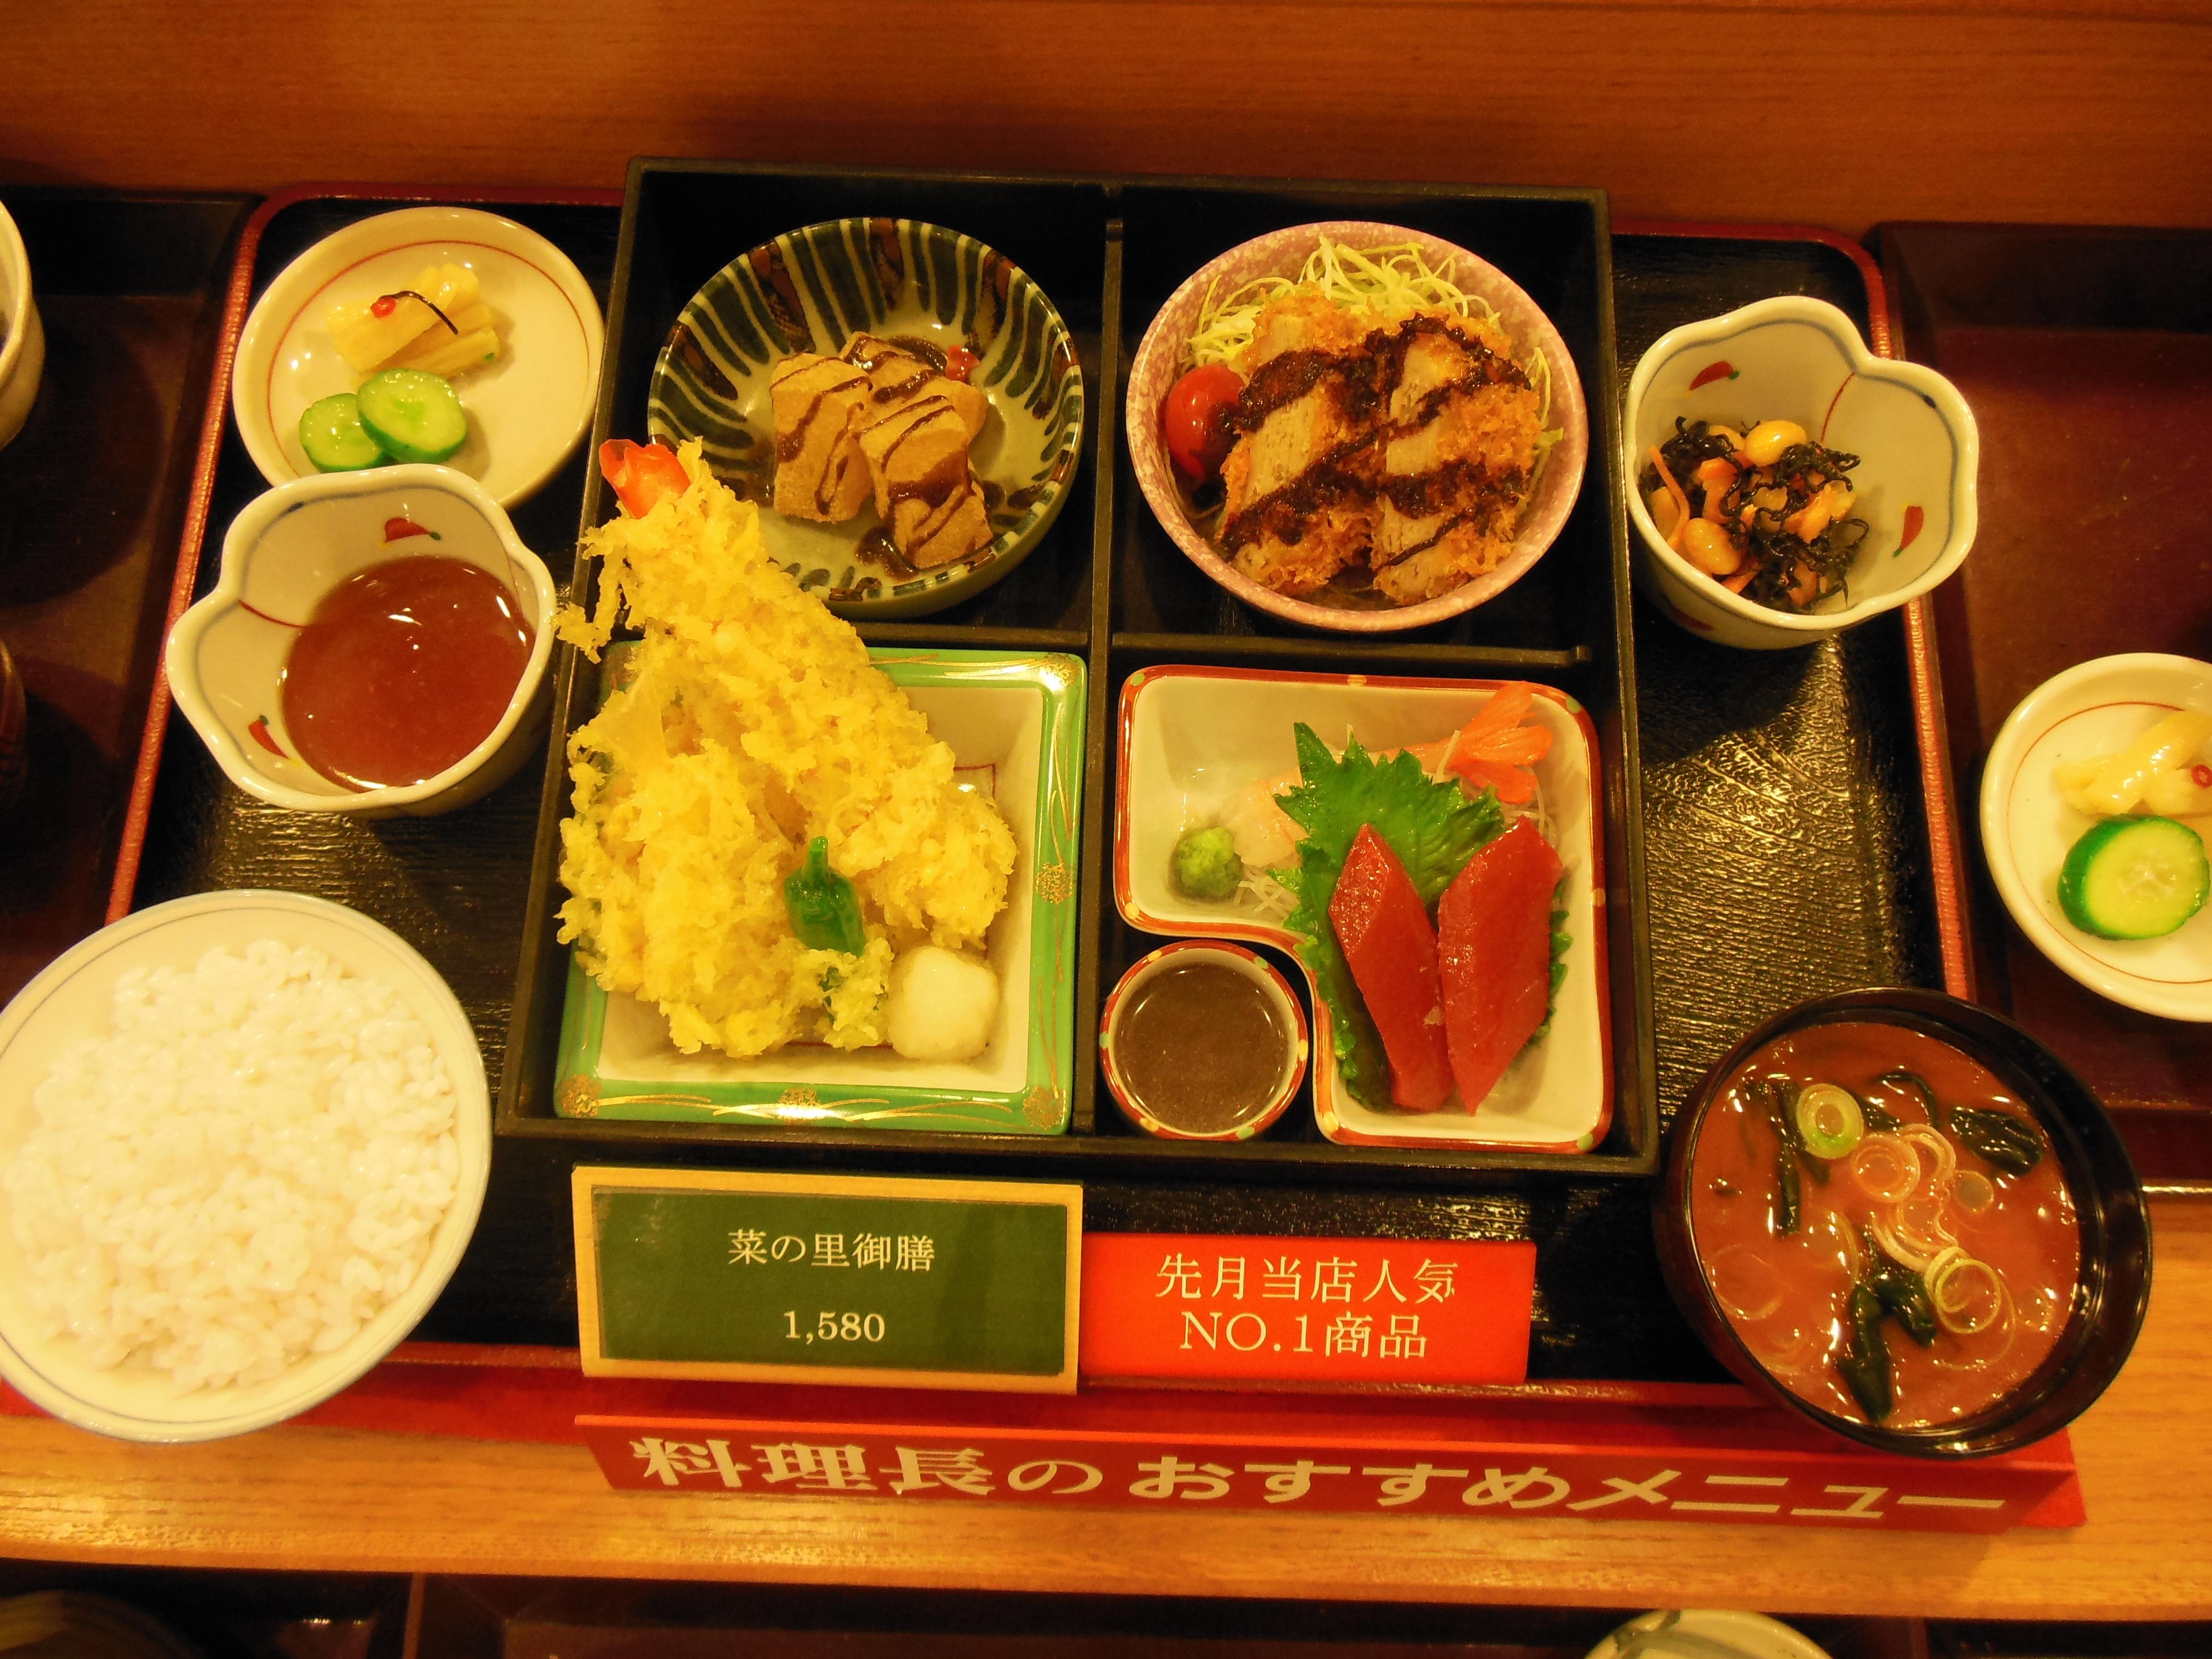 Food To Eat At Narita Airport